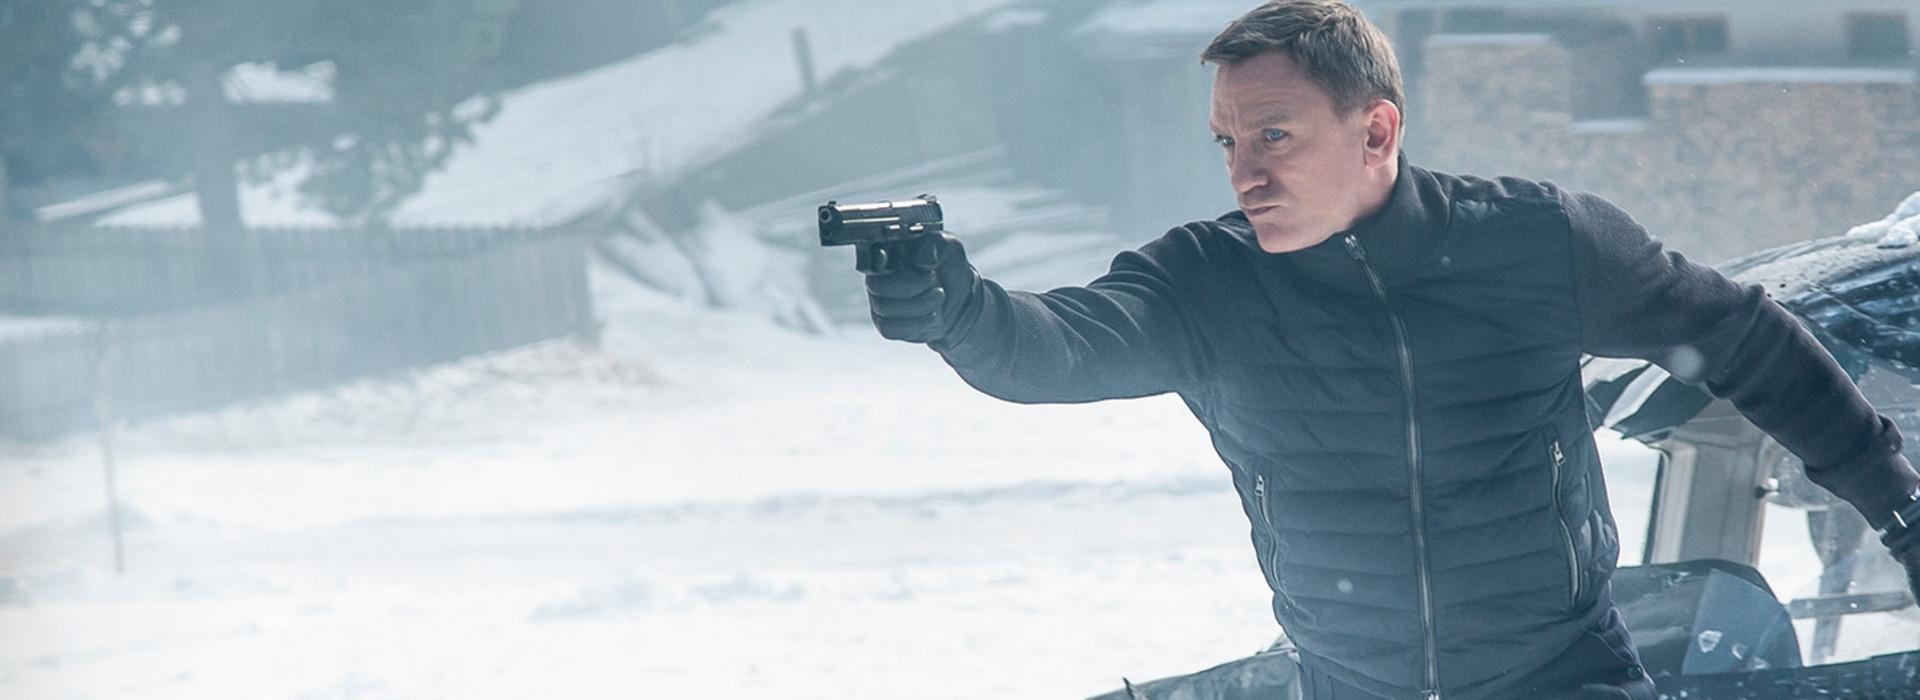 James Bond in Sölden - Daniel Craig als 007 in SPECTRE